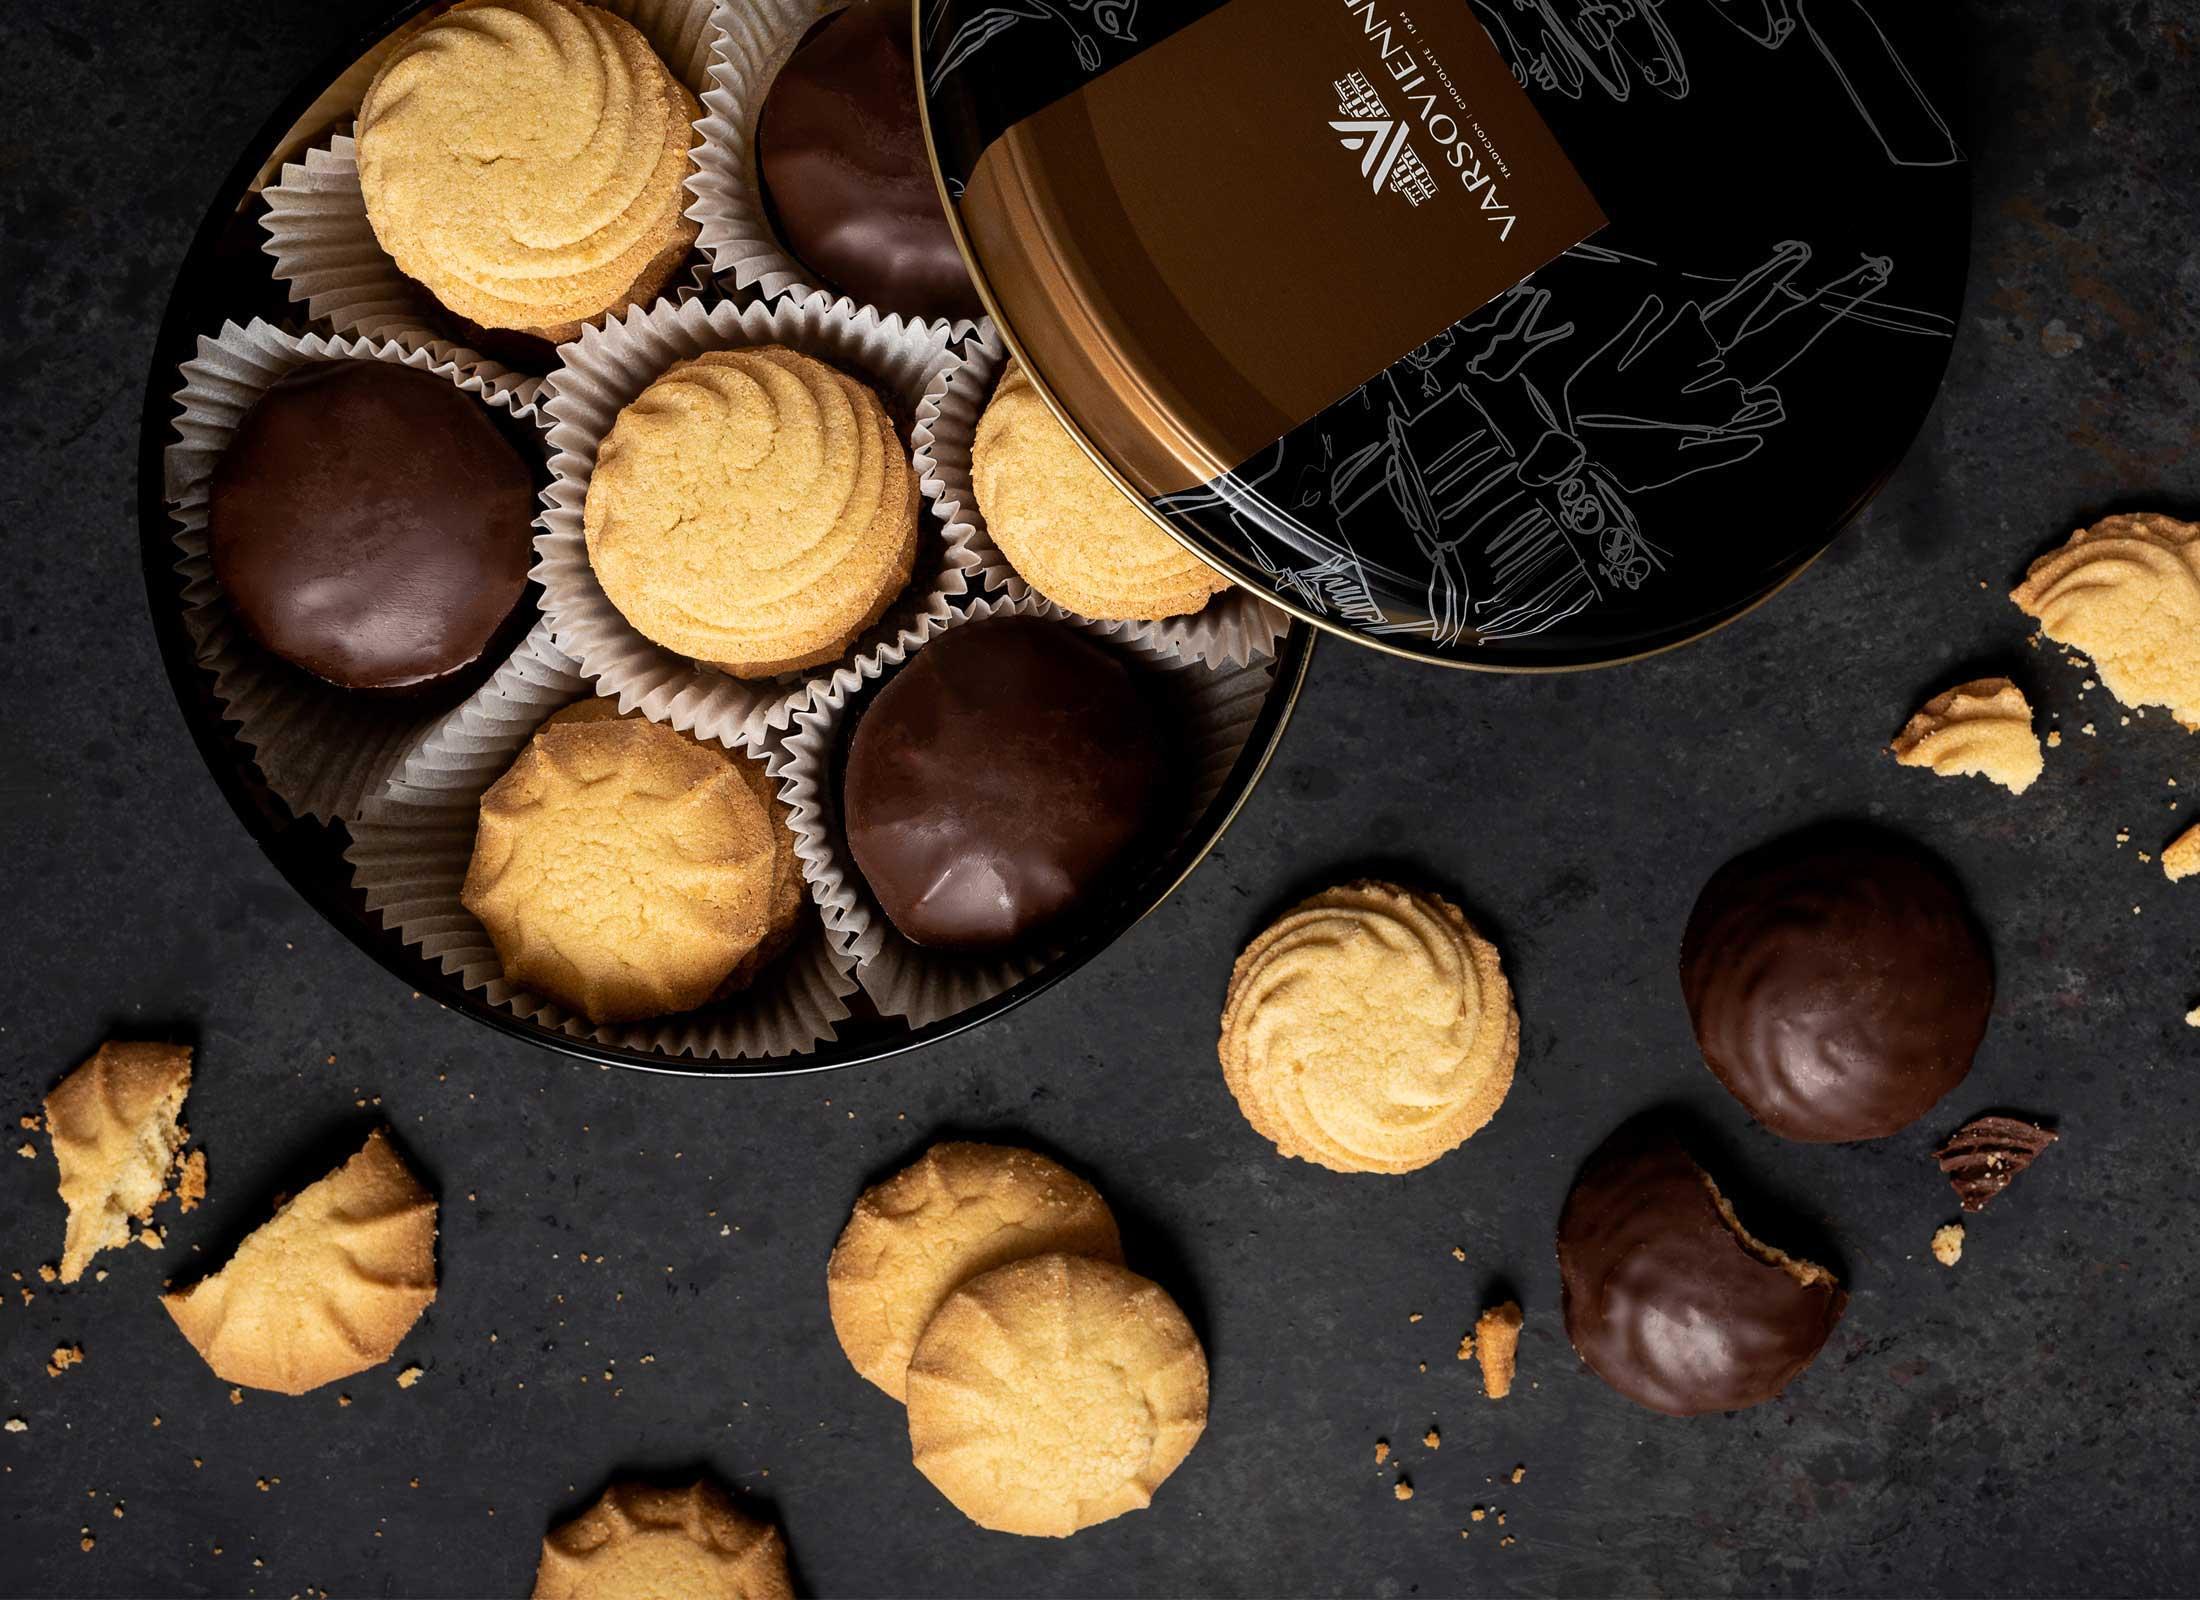 galletas-mantequilla-cacao-varsovienne-estudio-como